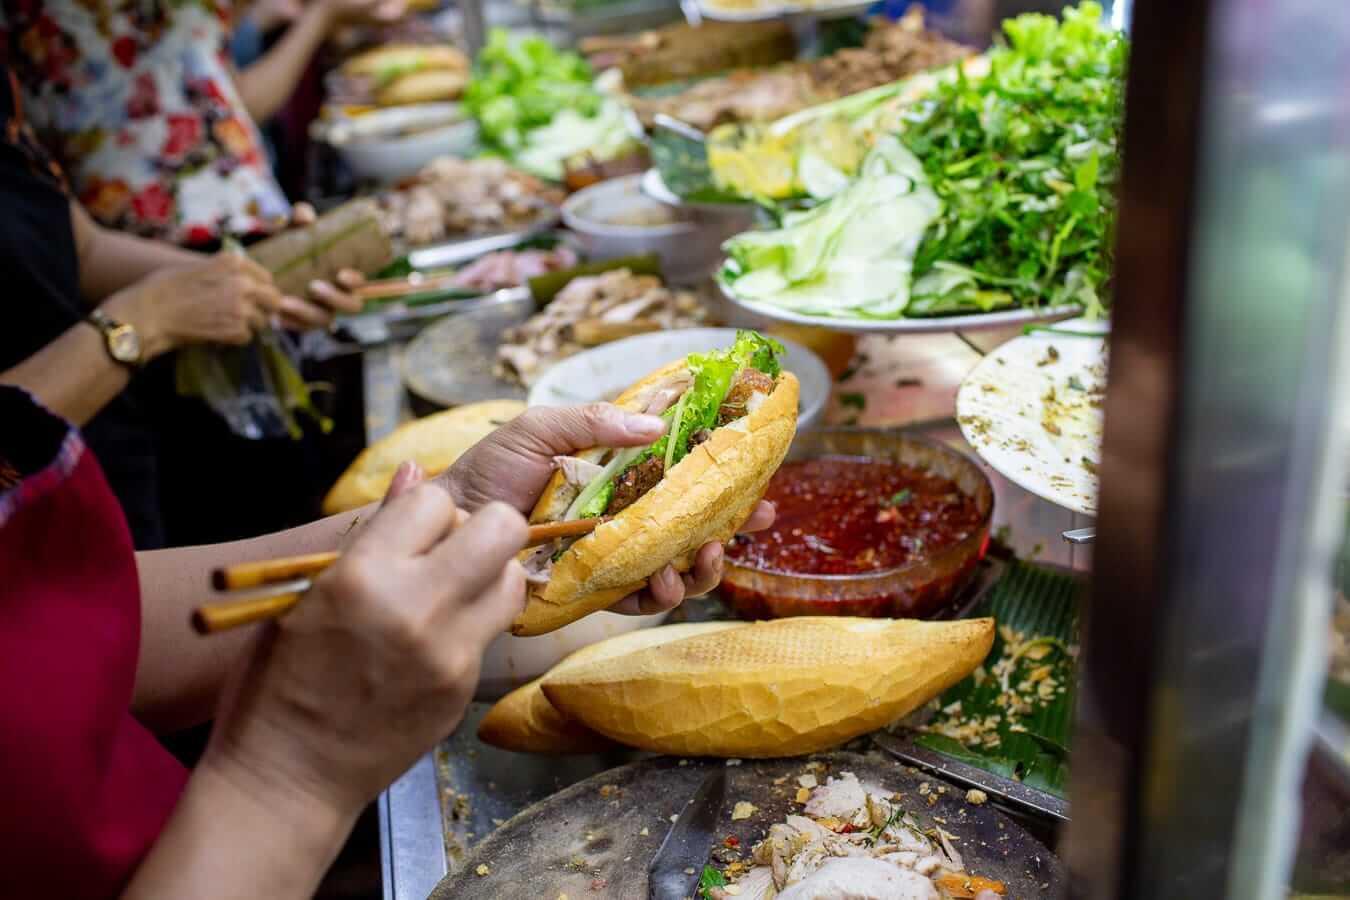 Banh mi being made at the busy Banh Mi Phuong counter